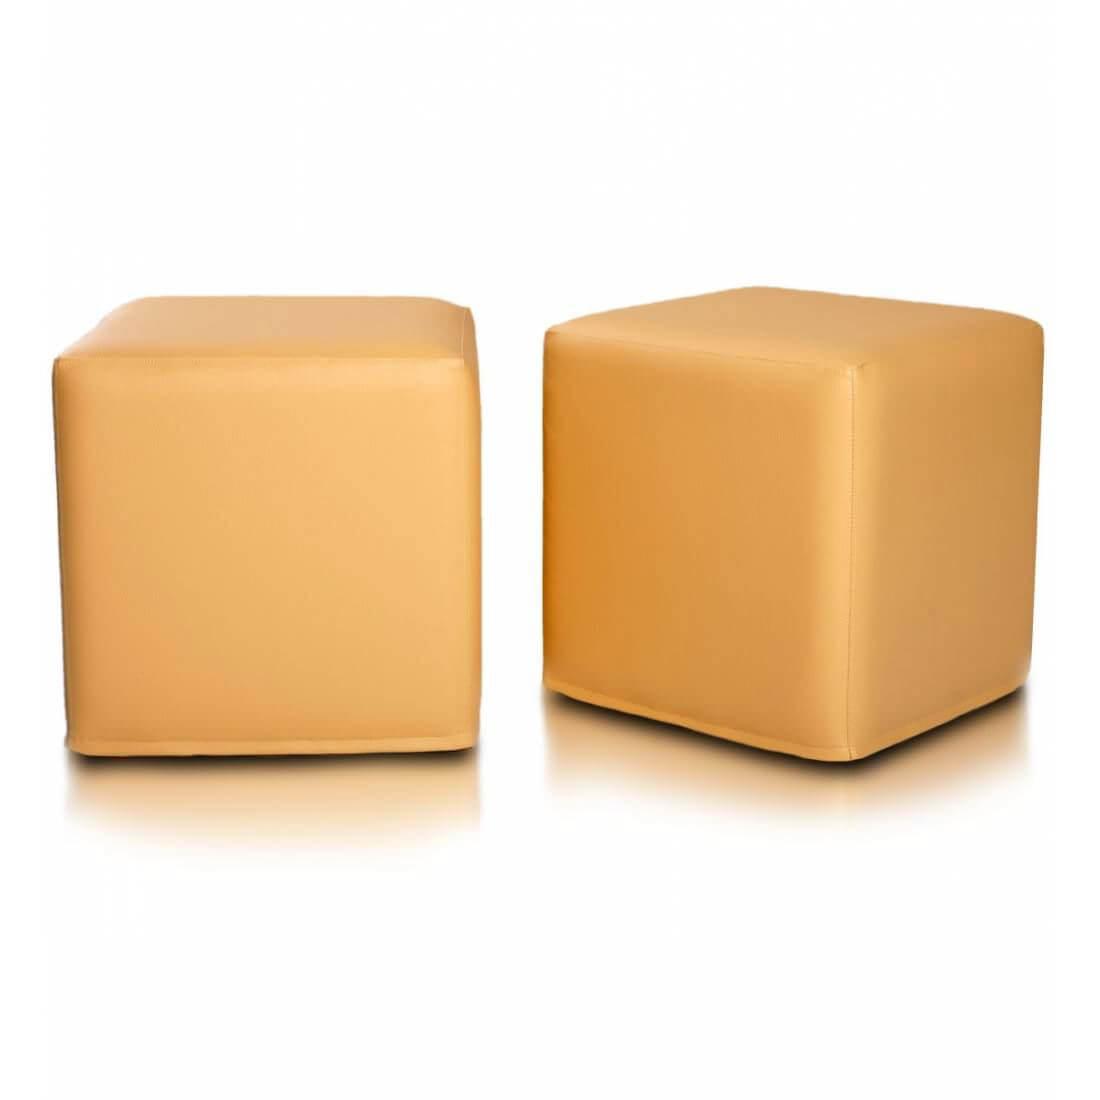 Kostka 40x40 cm zluta